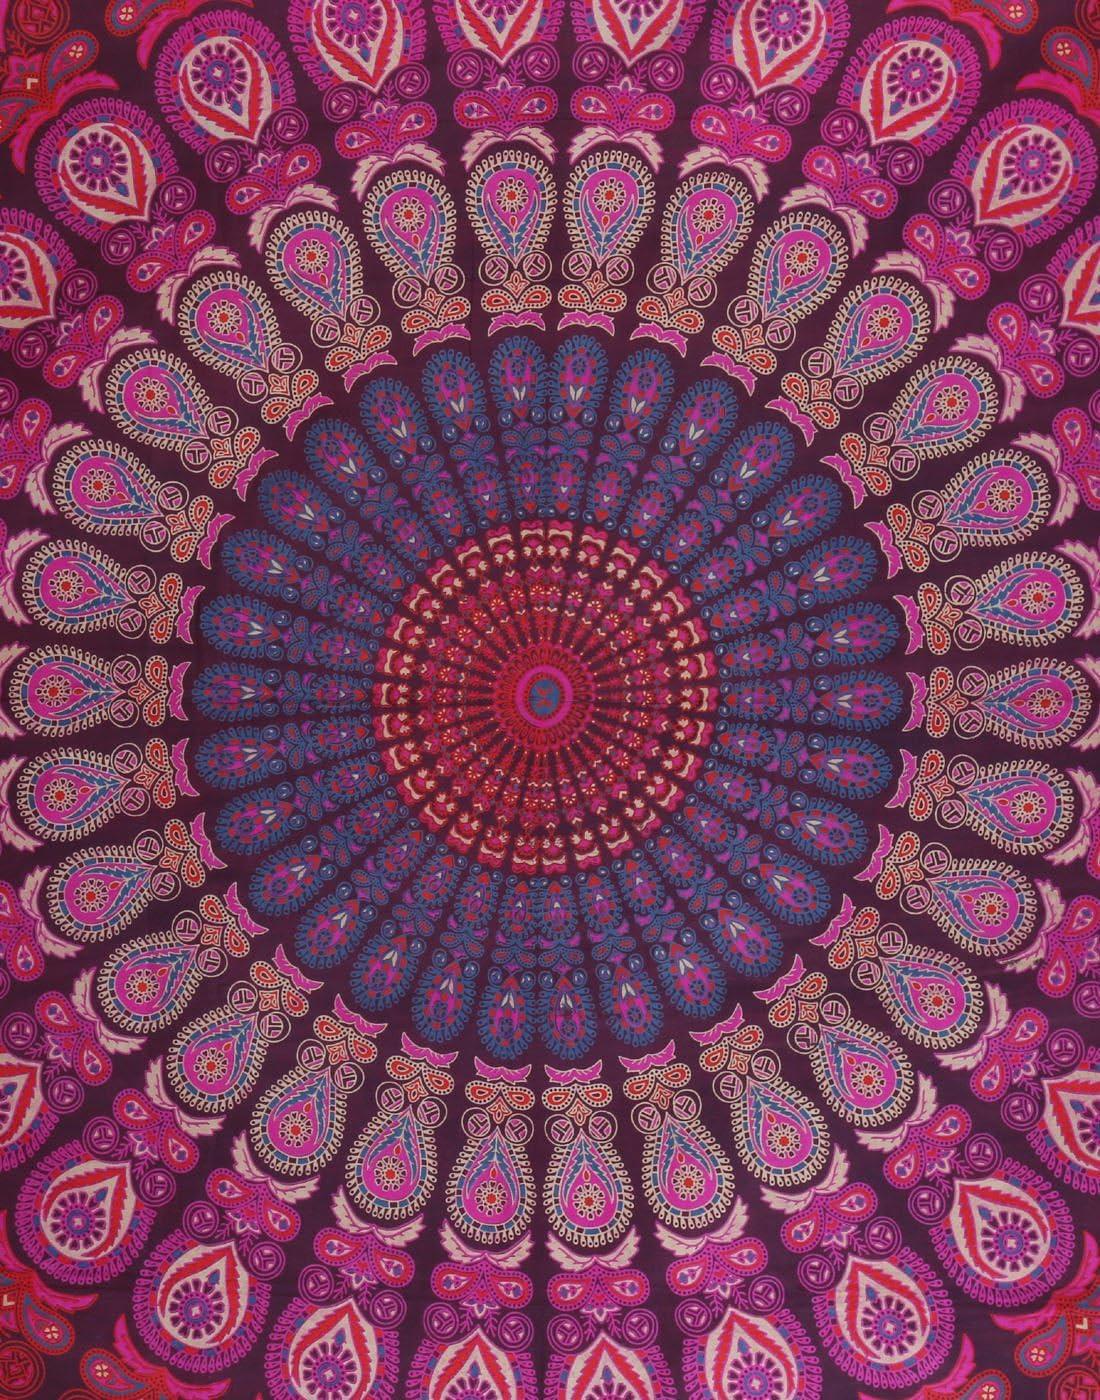 59 x 51 Indian Elephant tapiz de pared Tapiz para colgar en la pared de Shanna impreso para sala de estar y dormitorio decoraci/ón